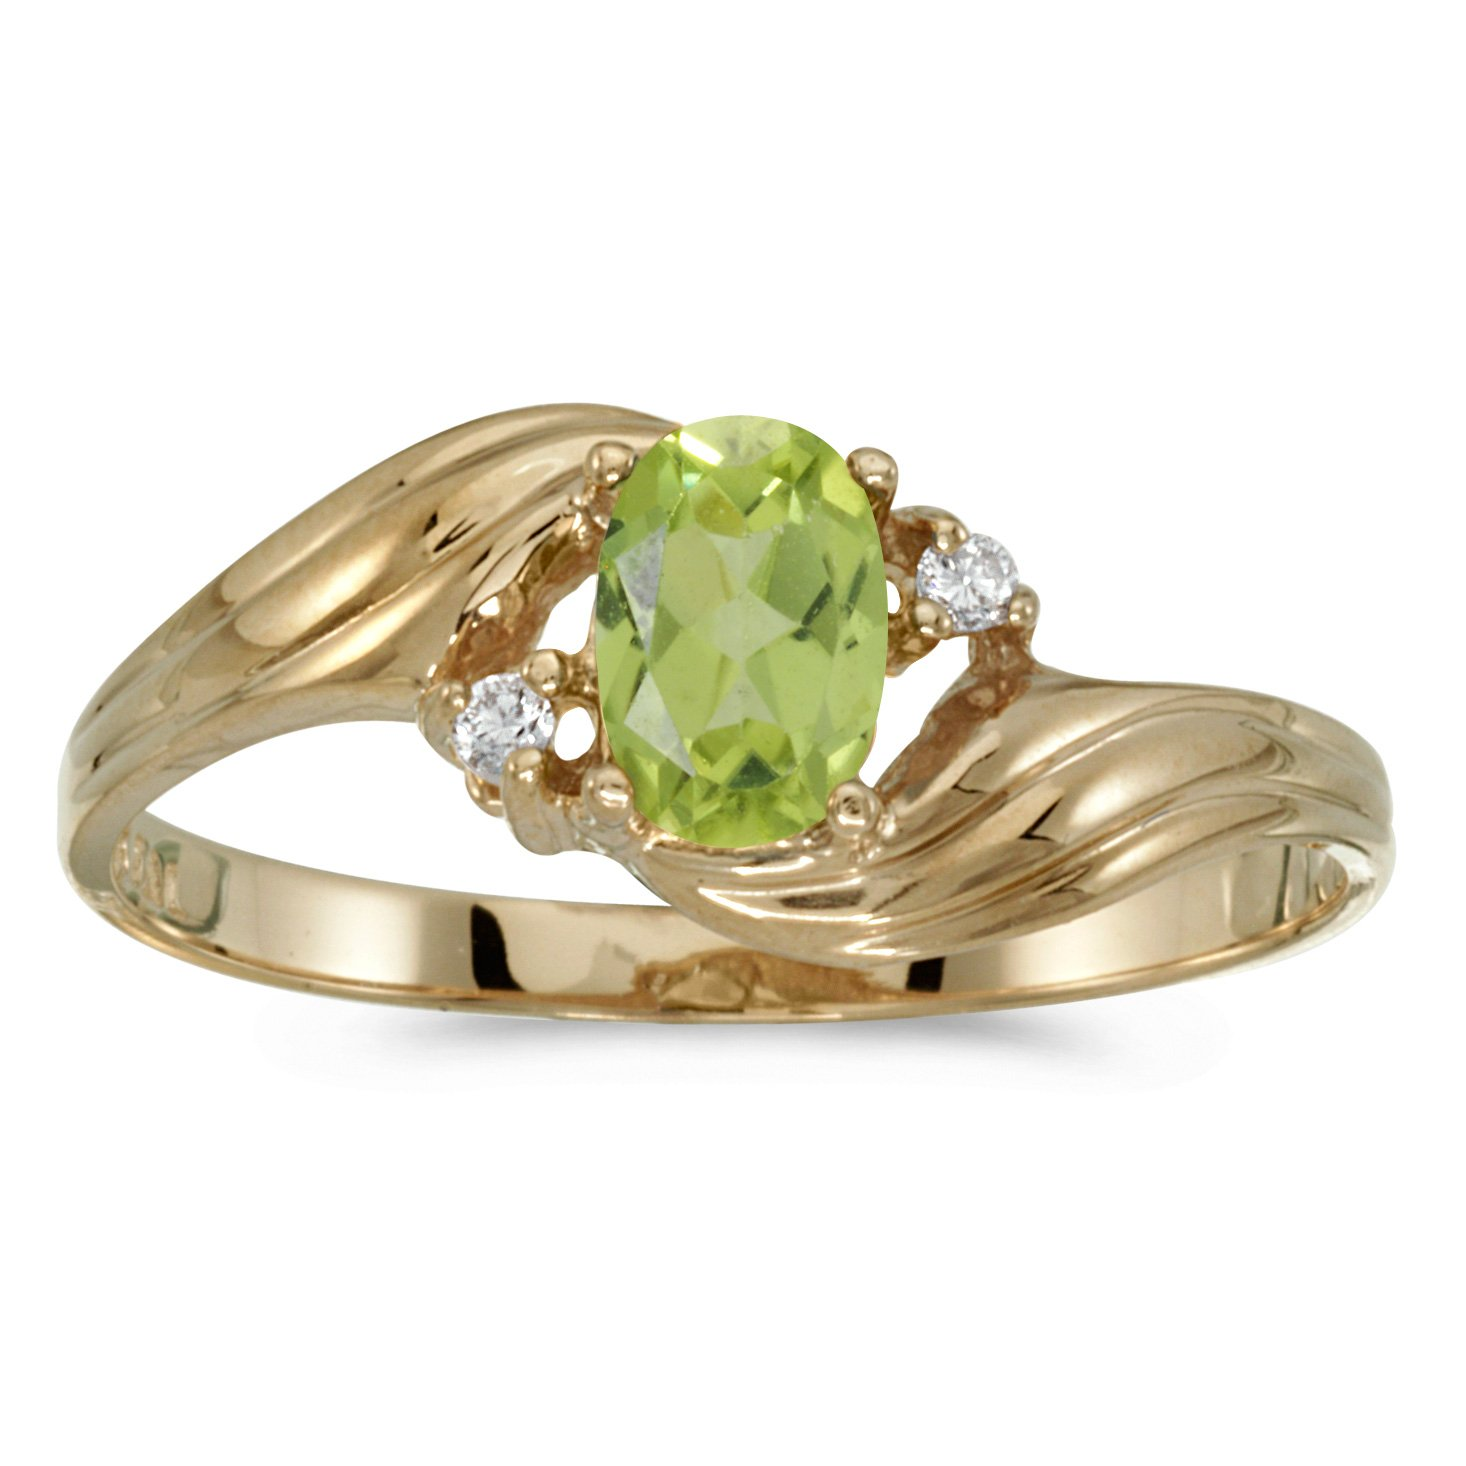 10k Yellow Gold Oval Peridot And Diamond Ring (Size 8)